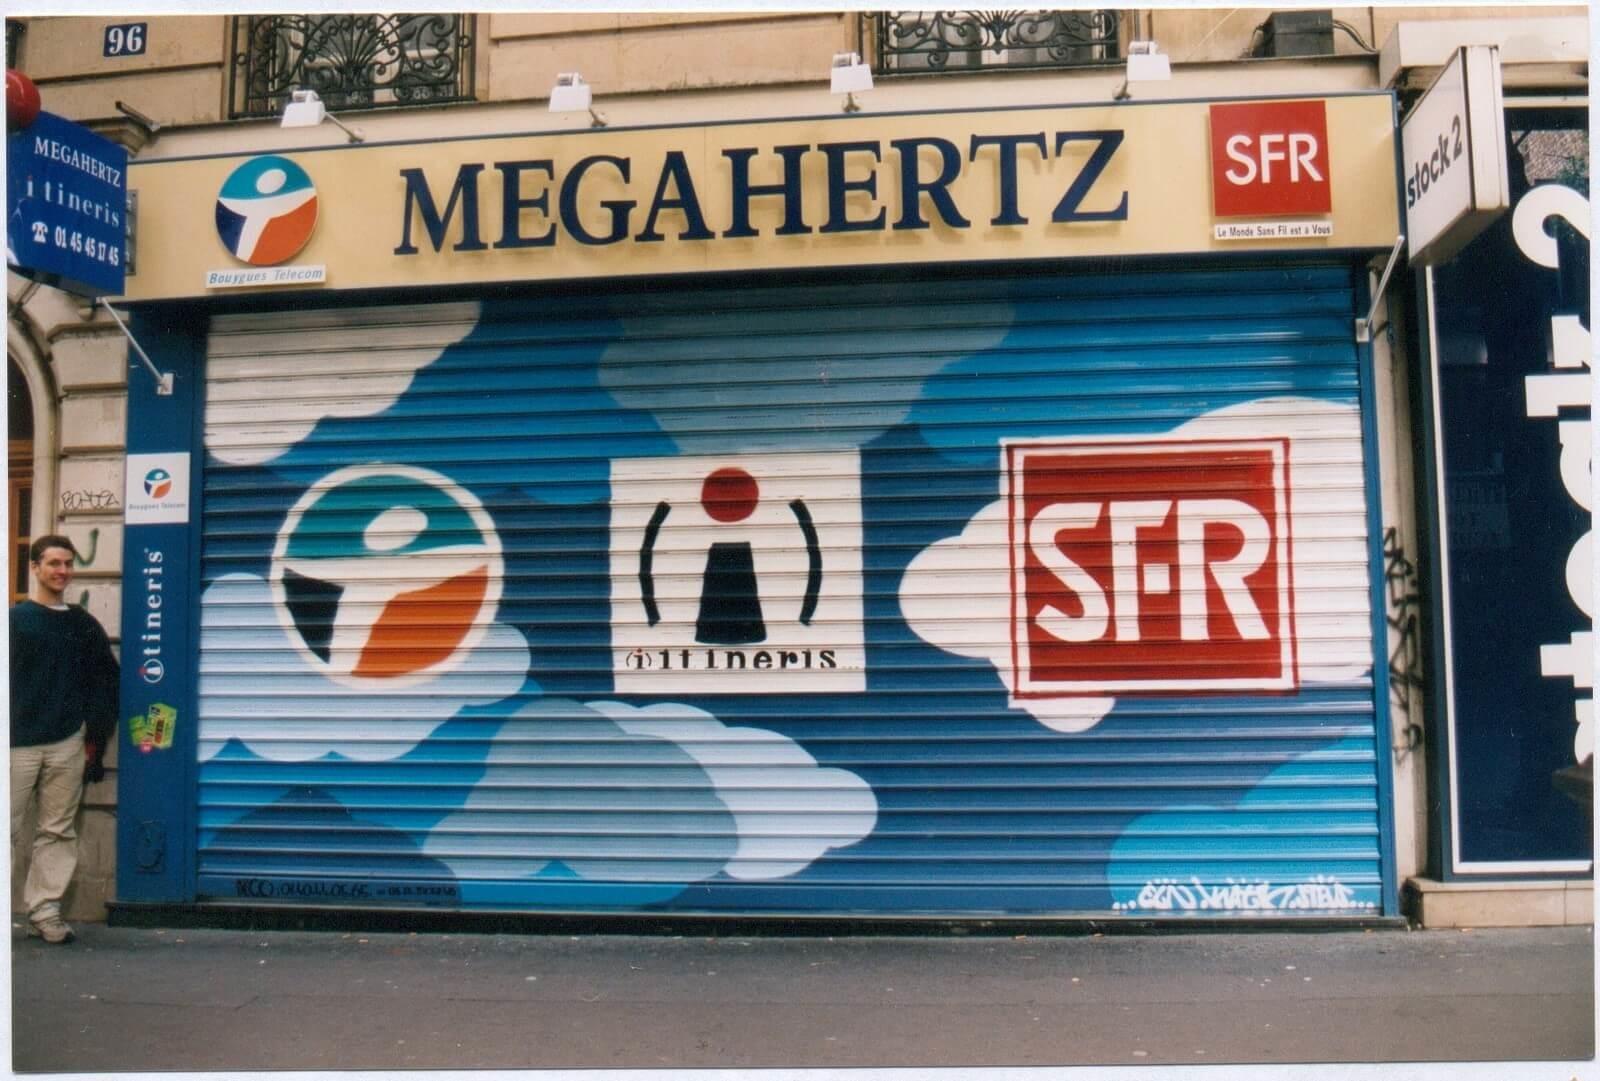 zeb_megahertz